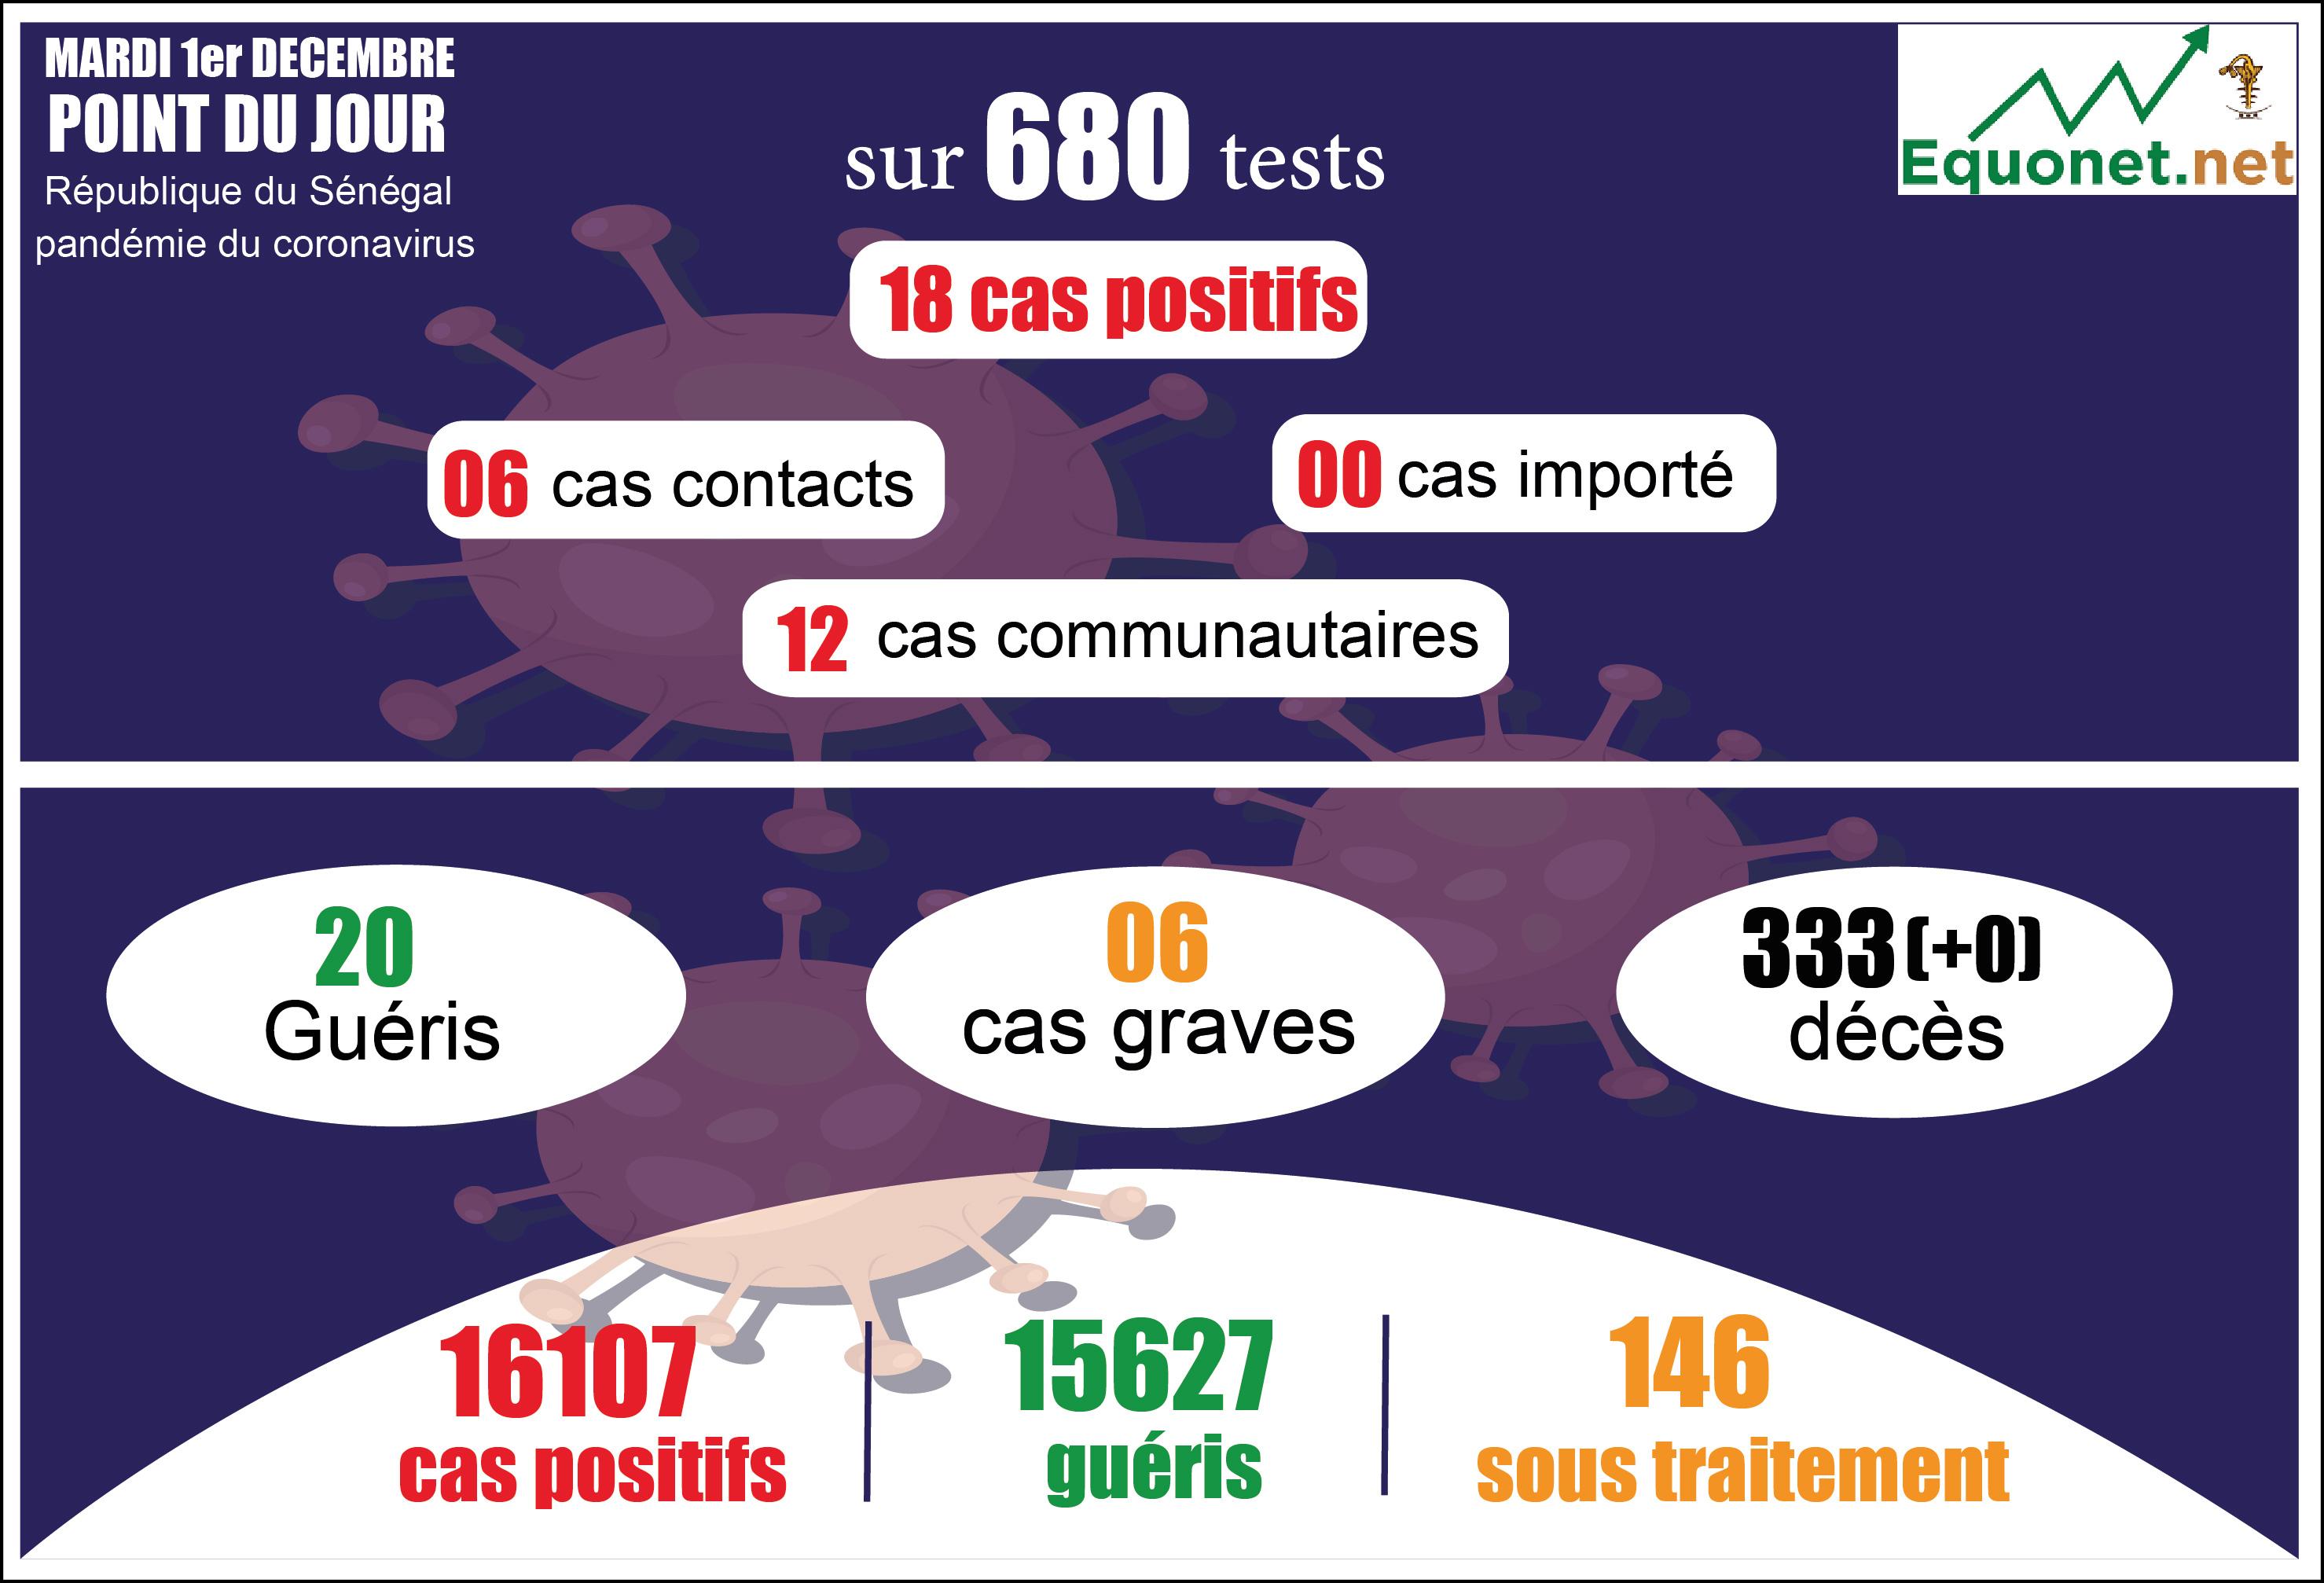 pandémie du coronavirus-covid-19 au sénégal : point de situation du mardi 1er décembre 2020